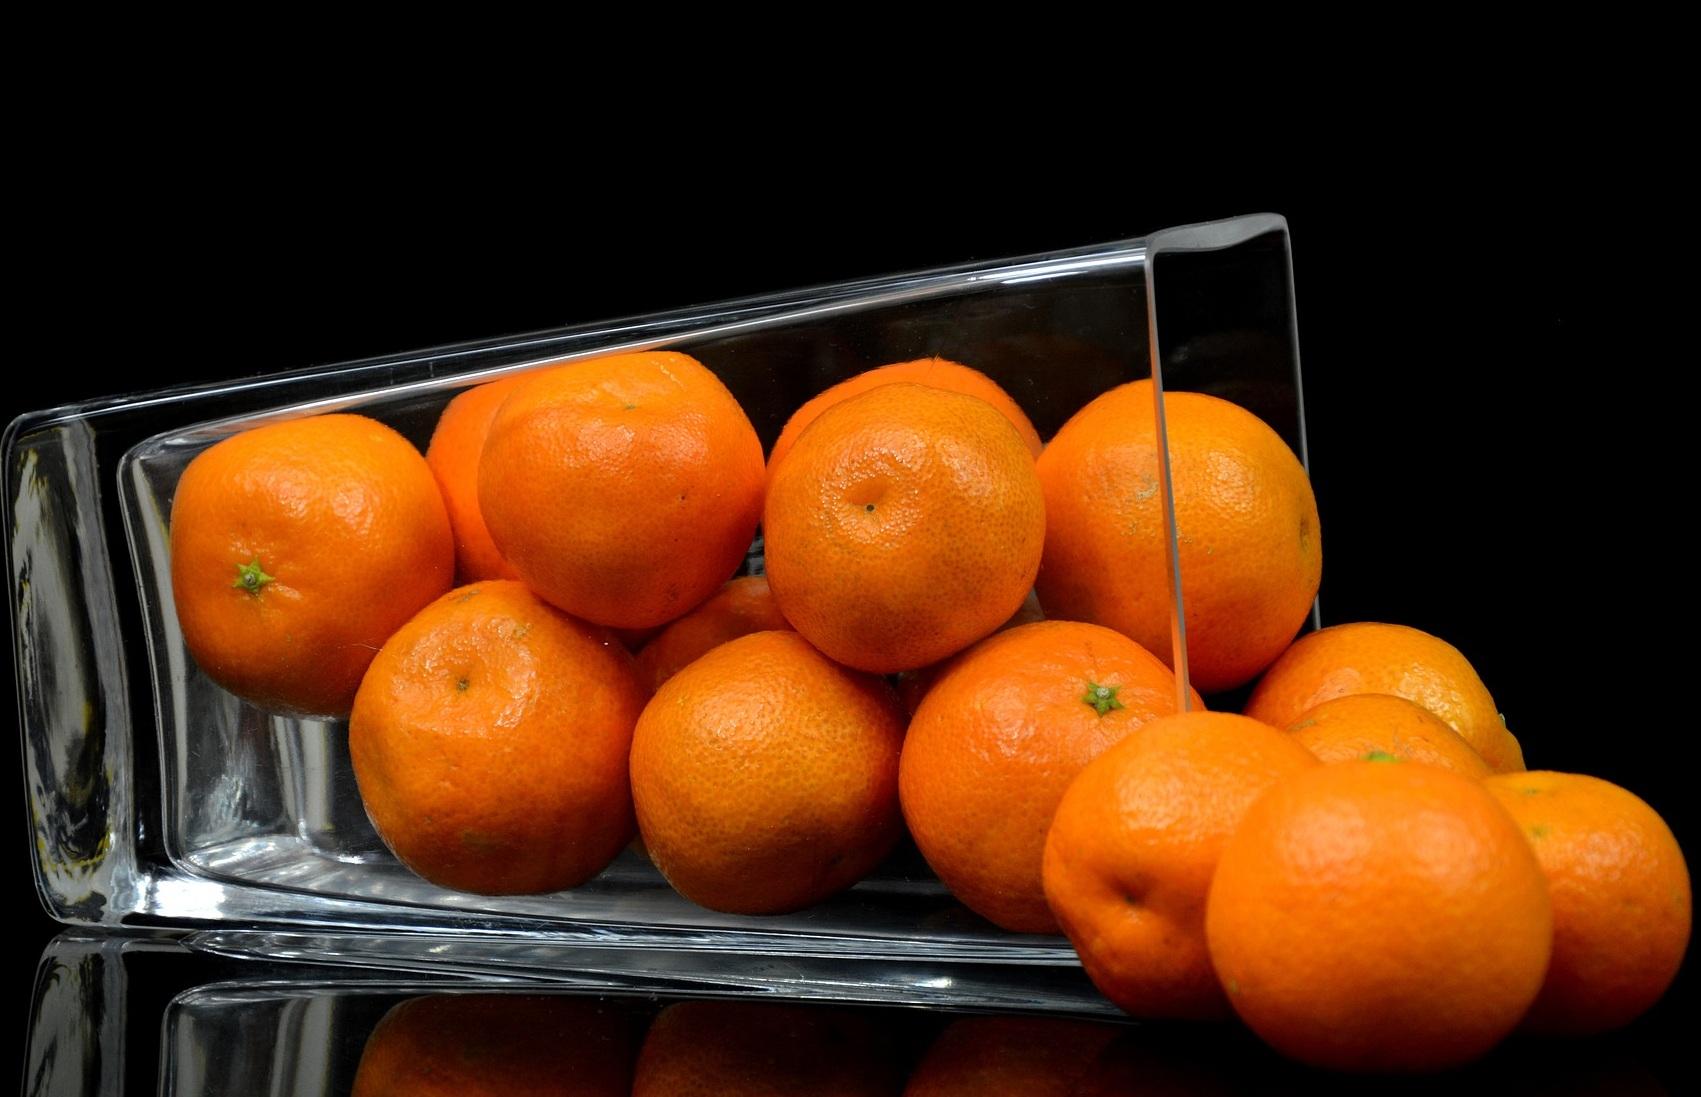 fruit-1181730_1920.jpg